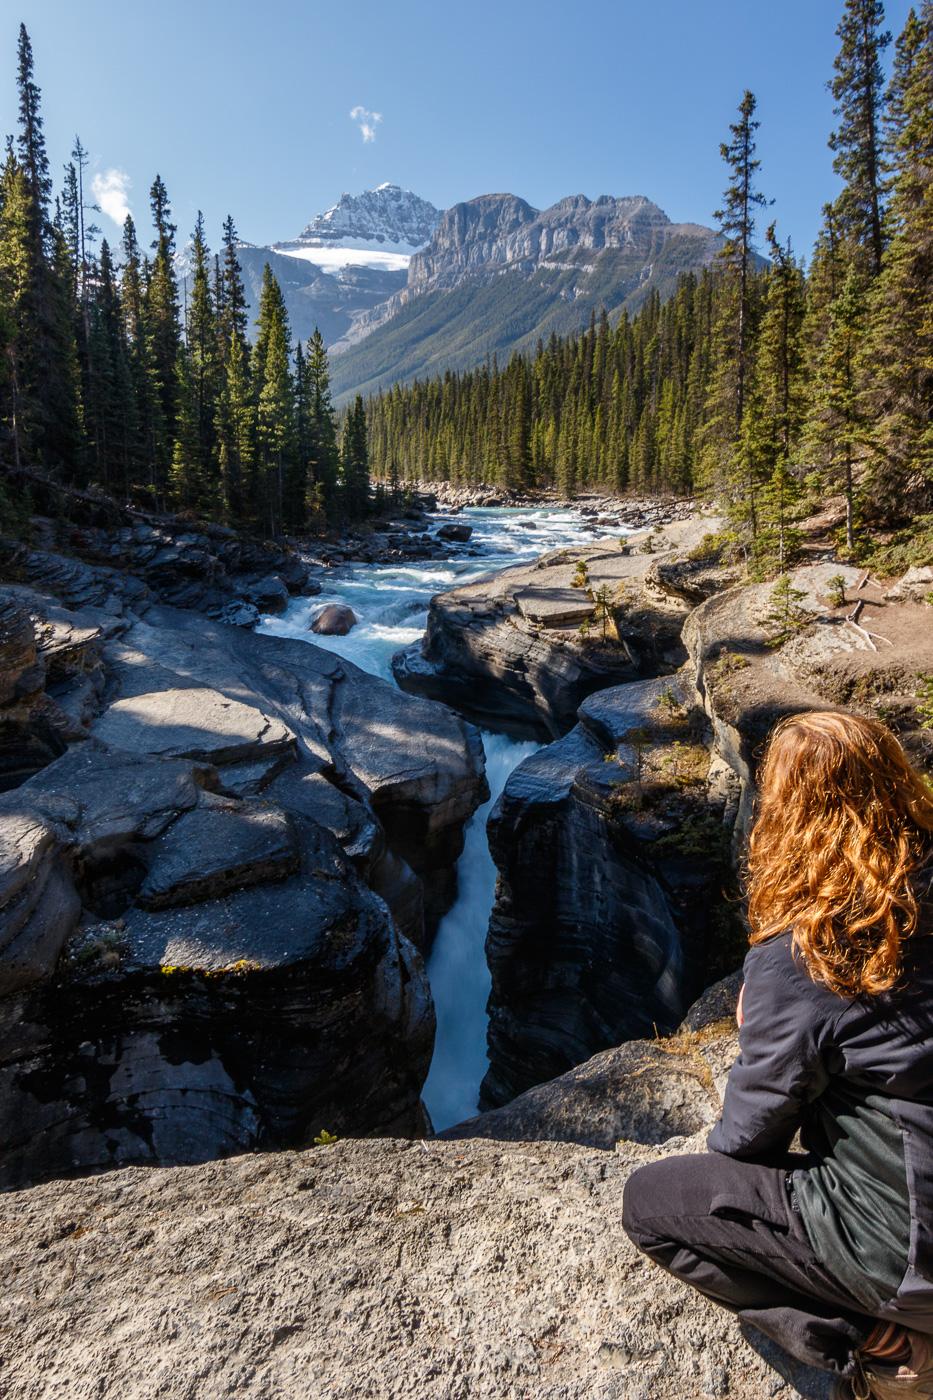 Mistaya Canyon - Paisatges de Nord-Amèrica - Raül Carmona - Fotografia, Fotografia d'estudi, esdeveniments i Natura